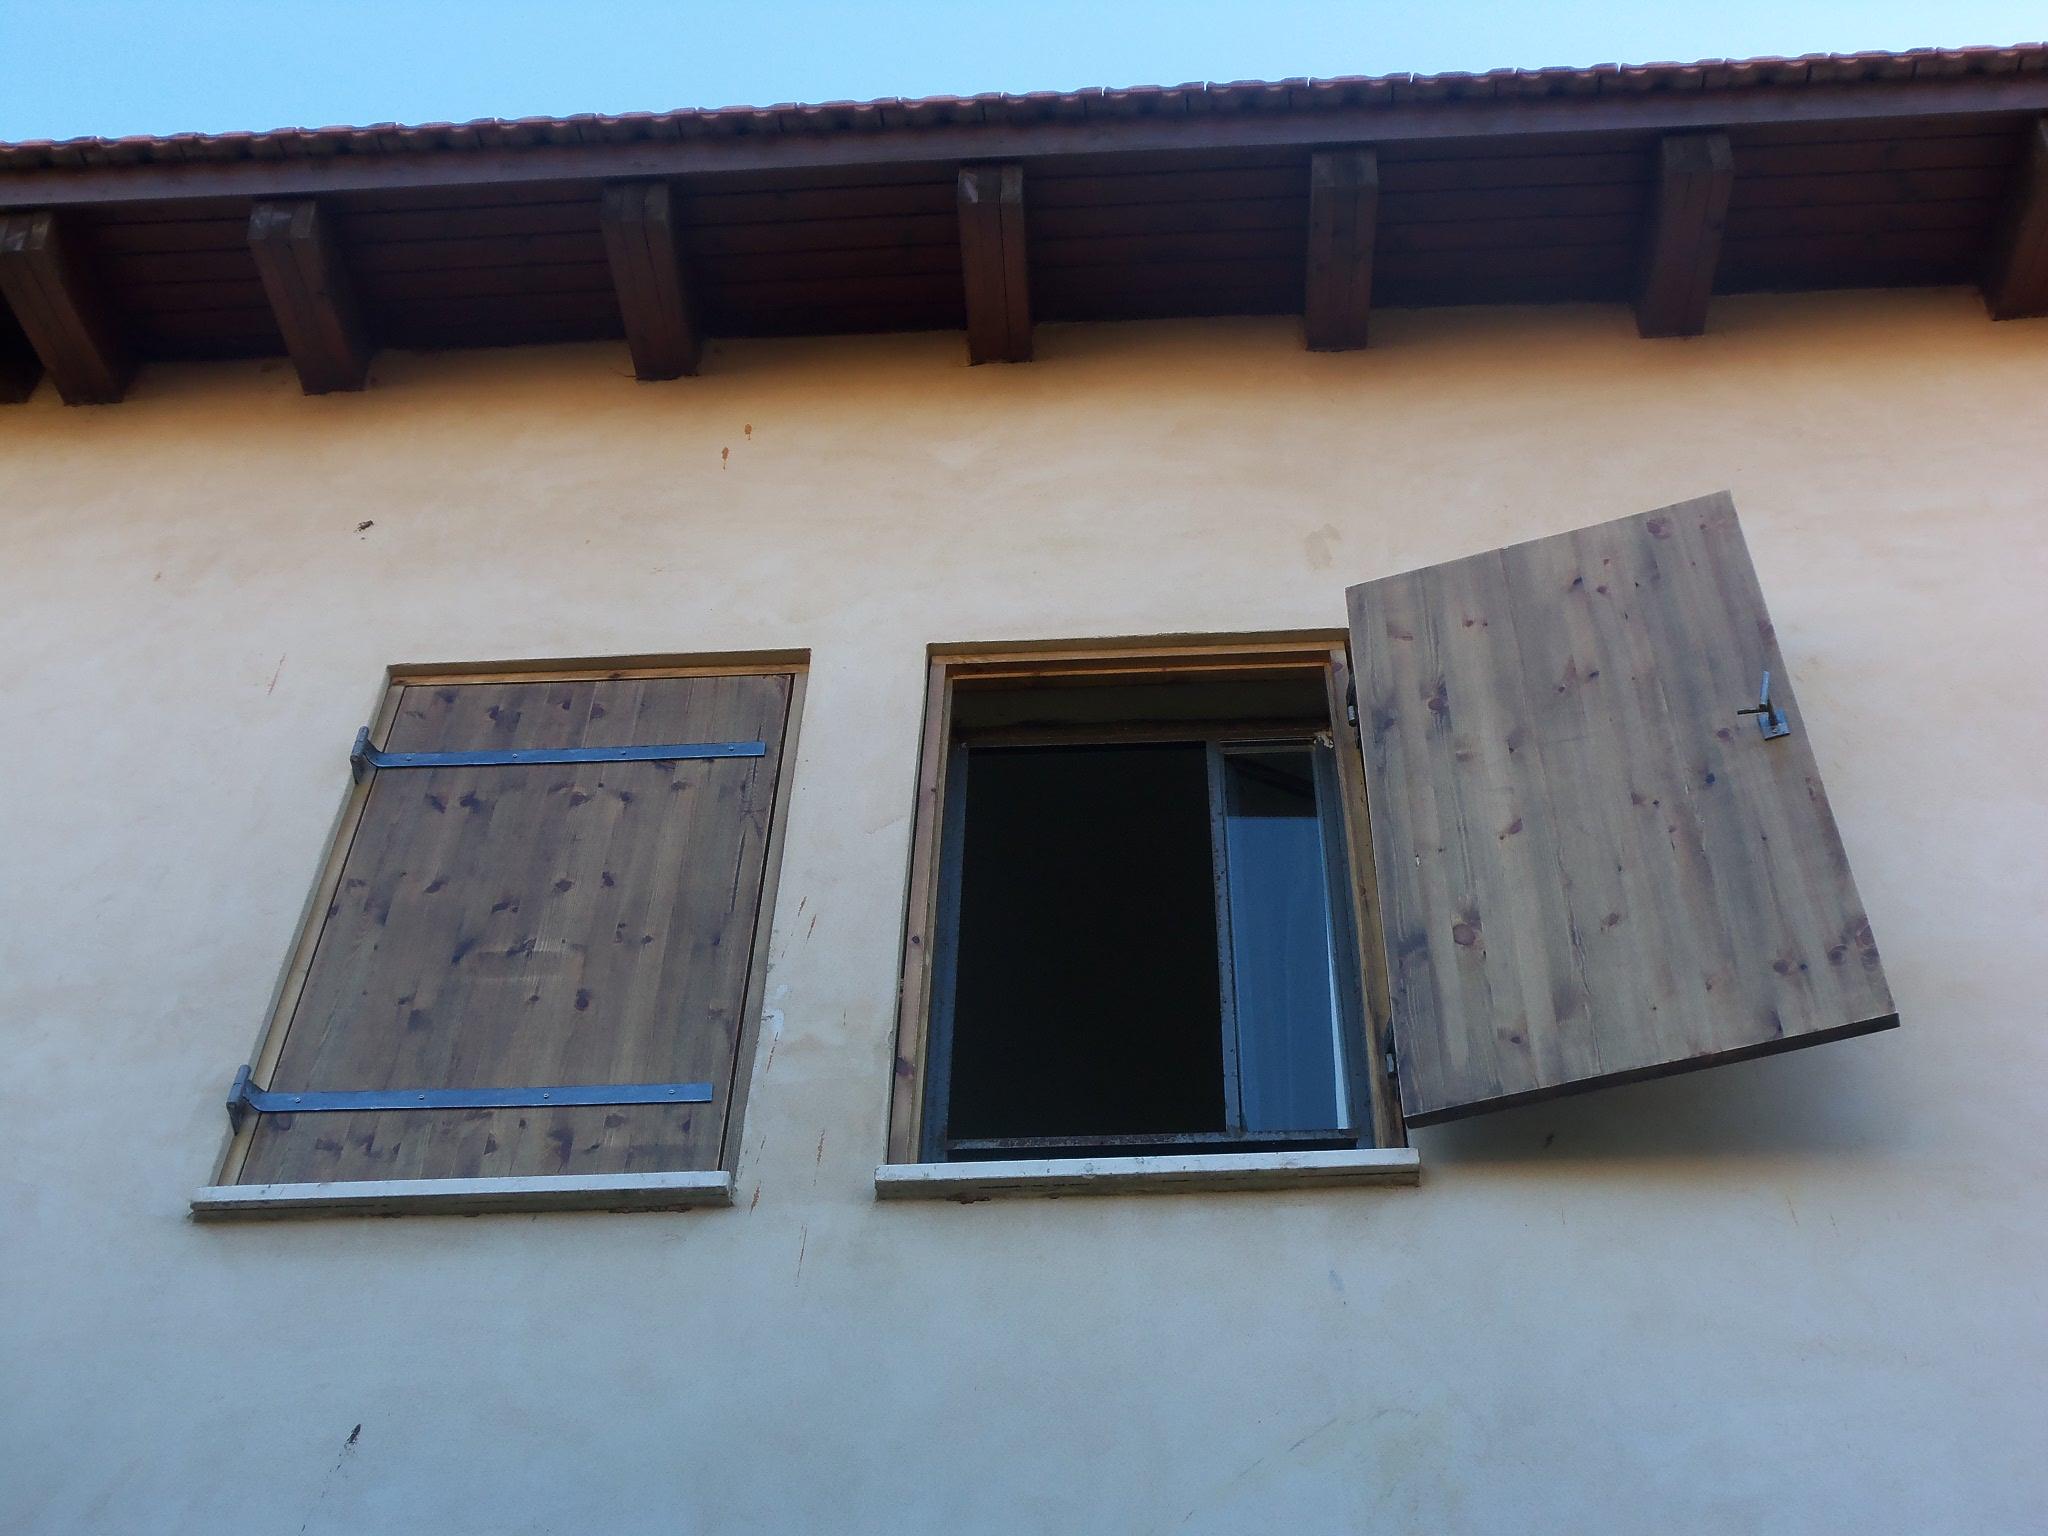 עבודות עץ שחר תכנון ובנייה הוד השרון